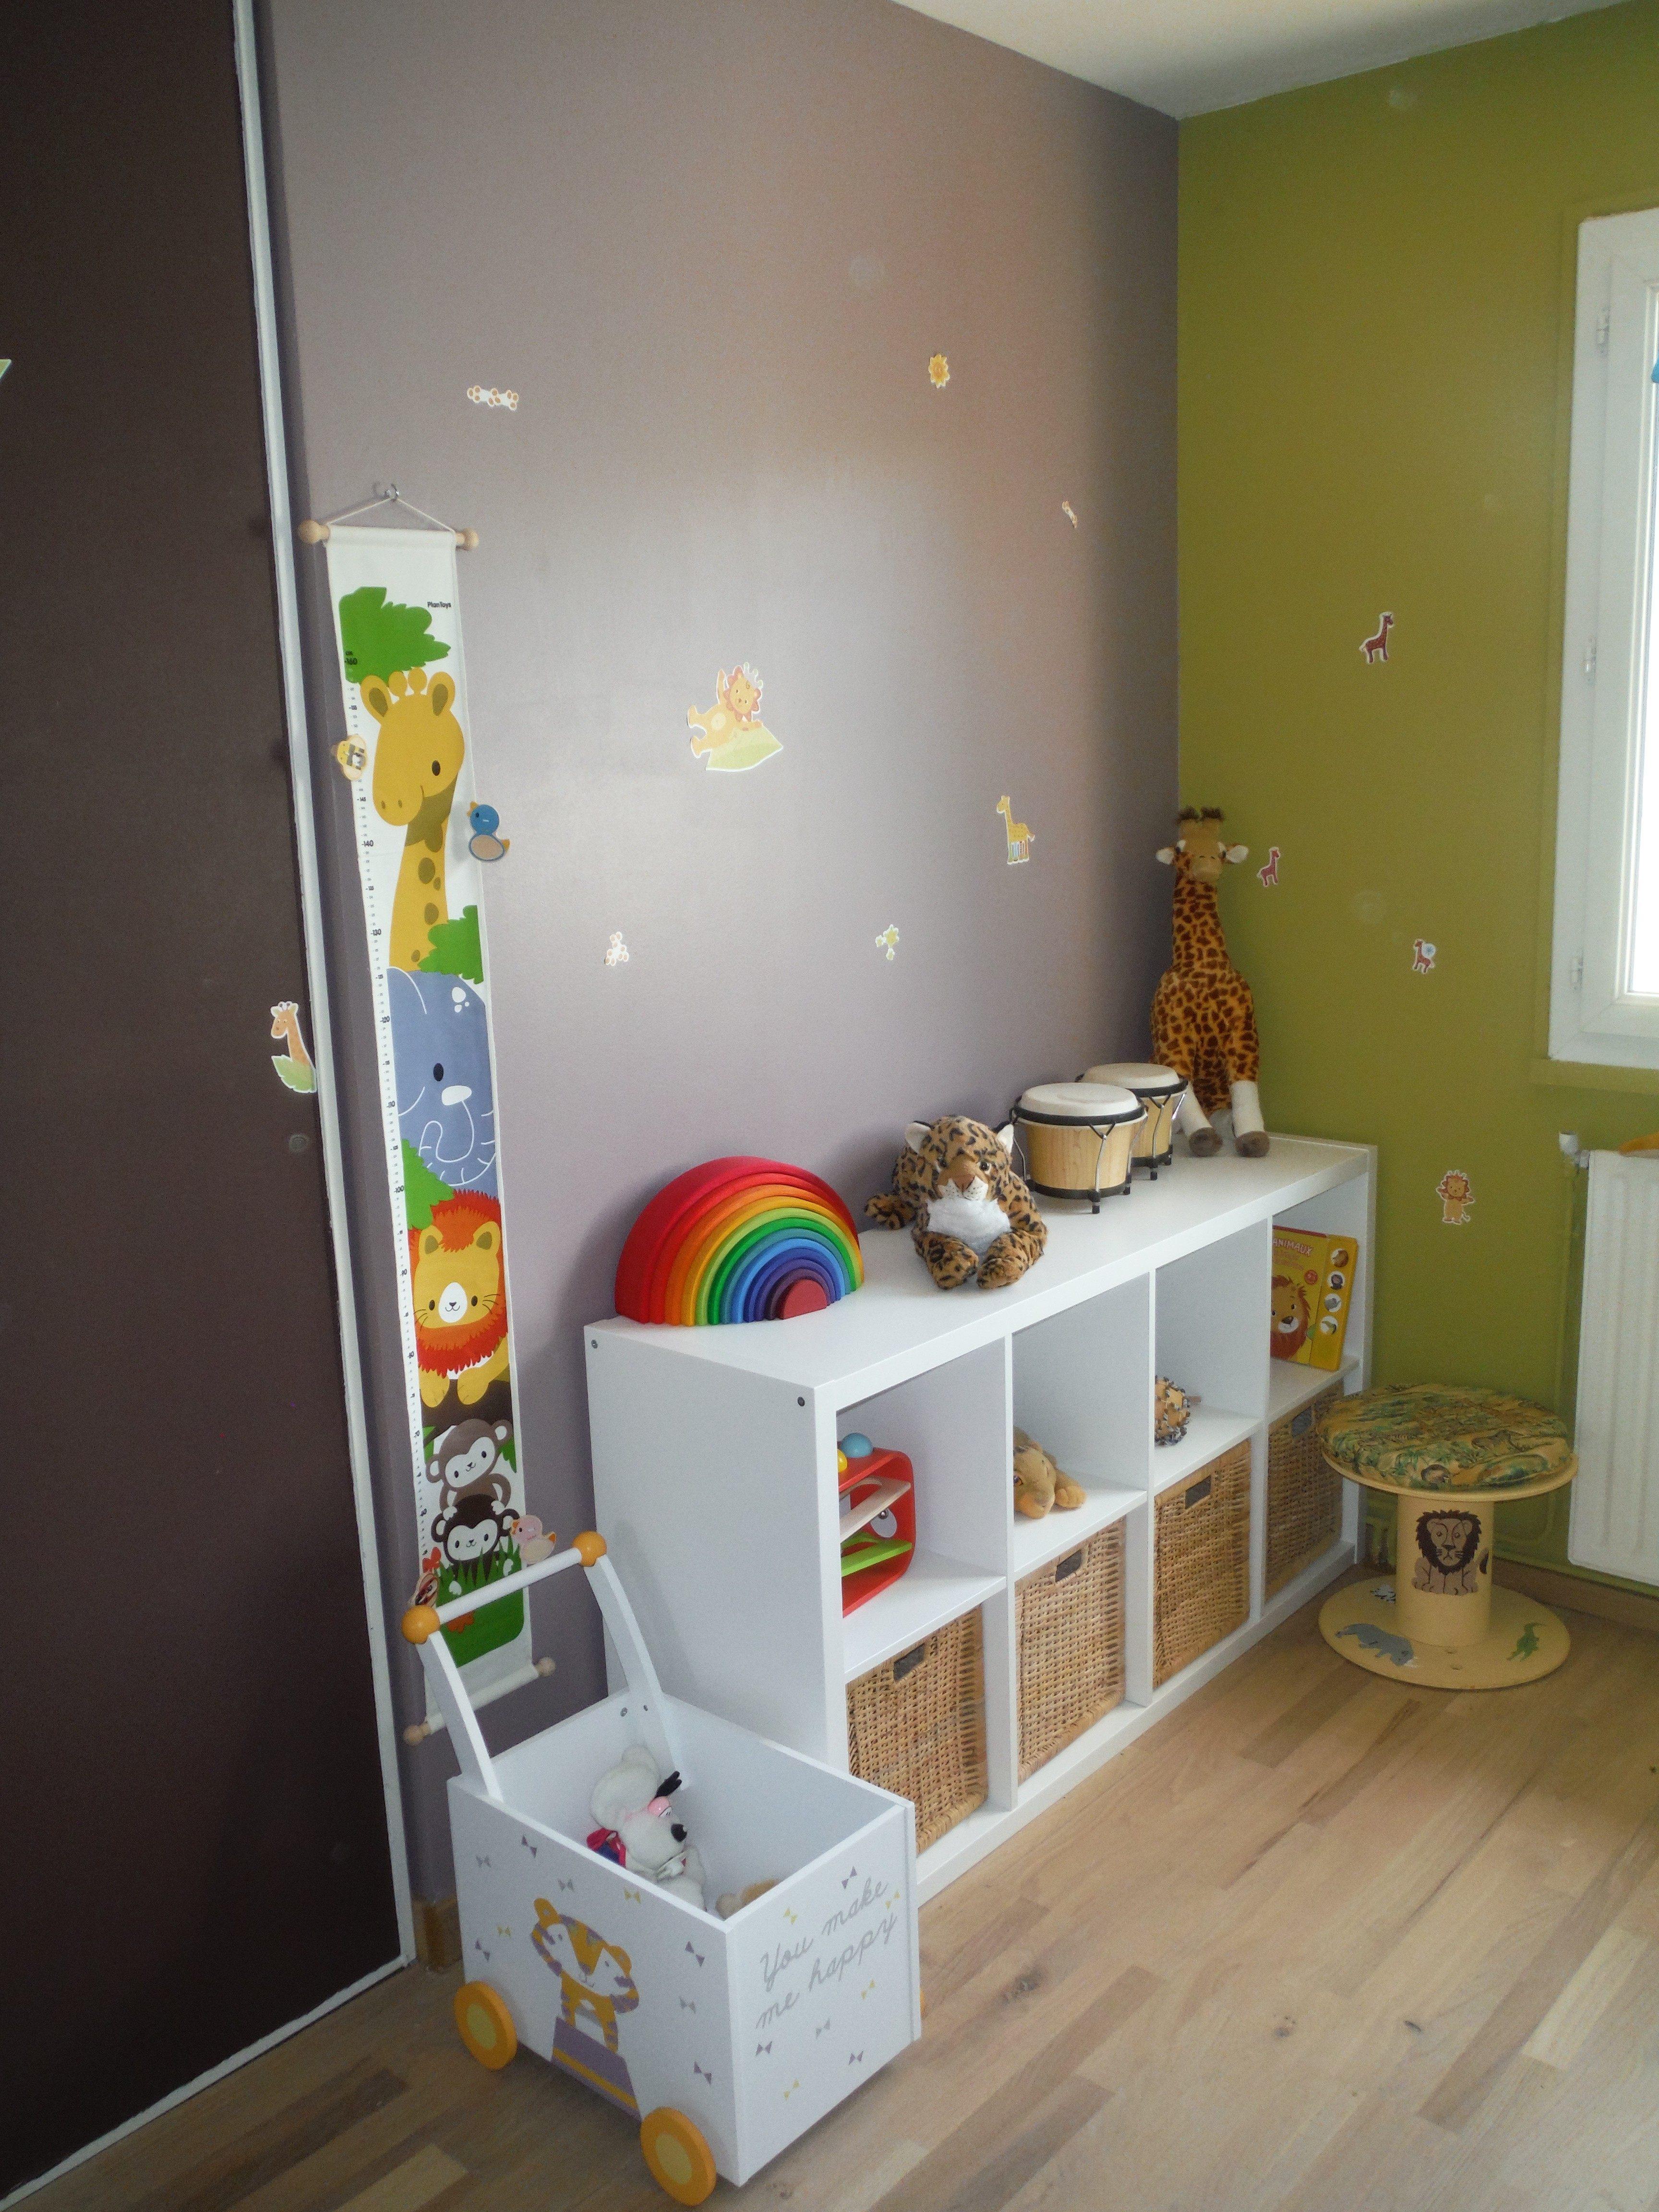 Lit Barreau Bébé Le Luxe Chambre Bébé Montessori – Appiar